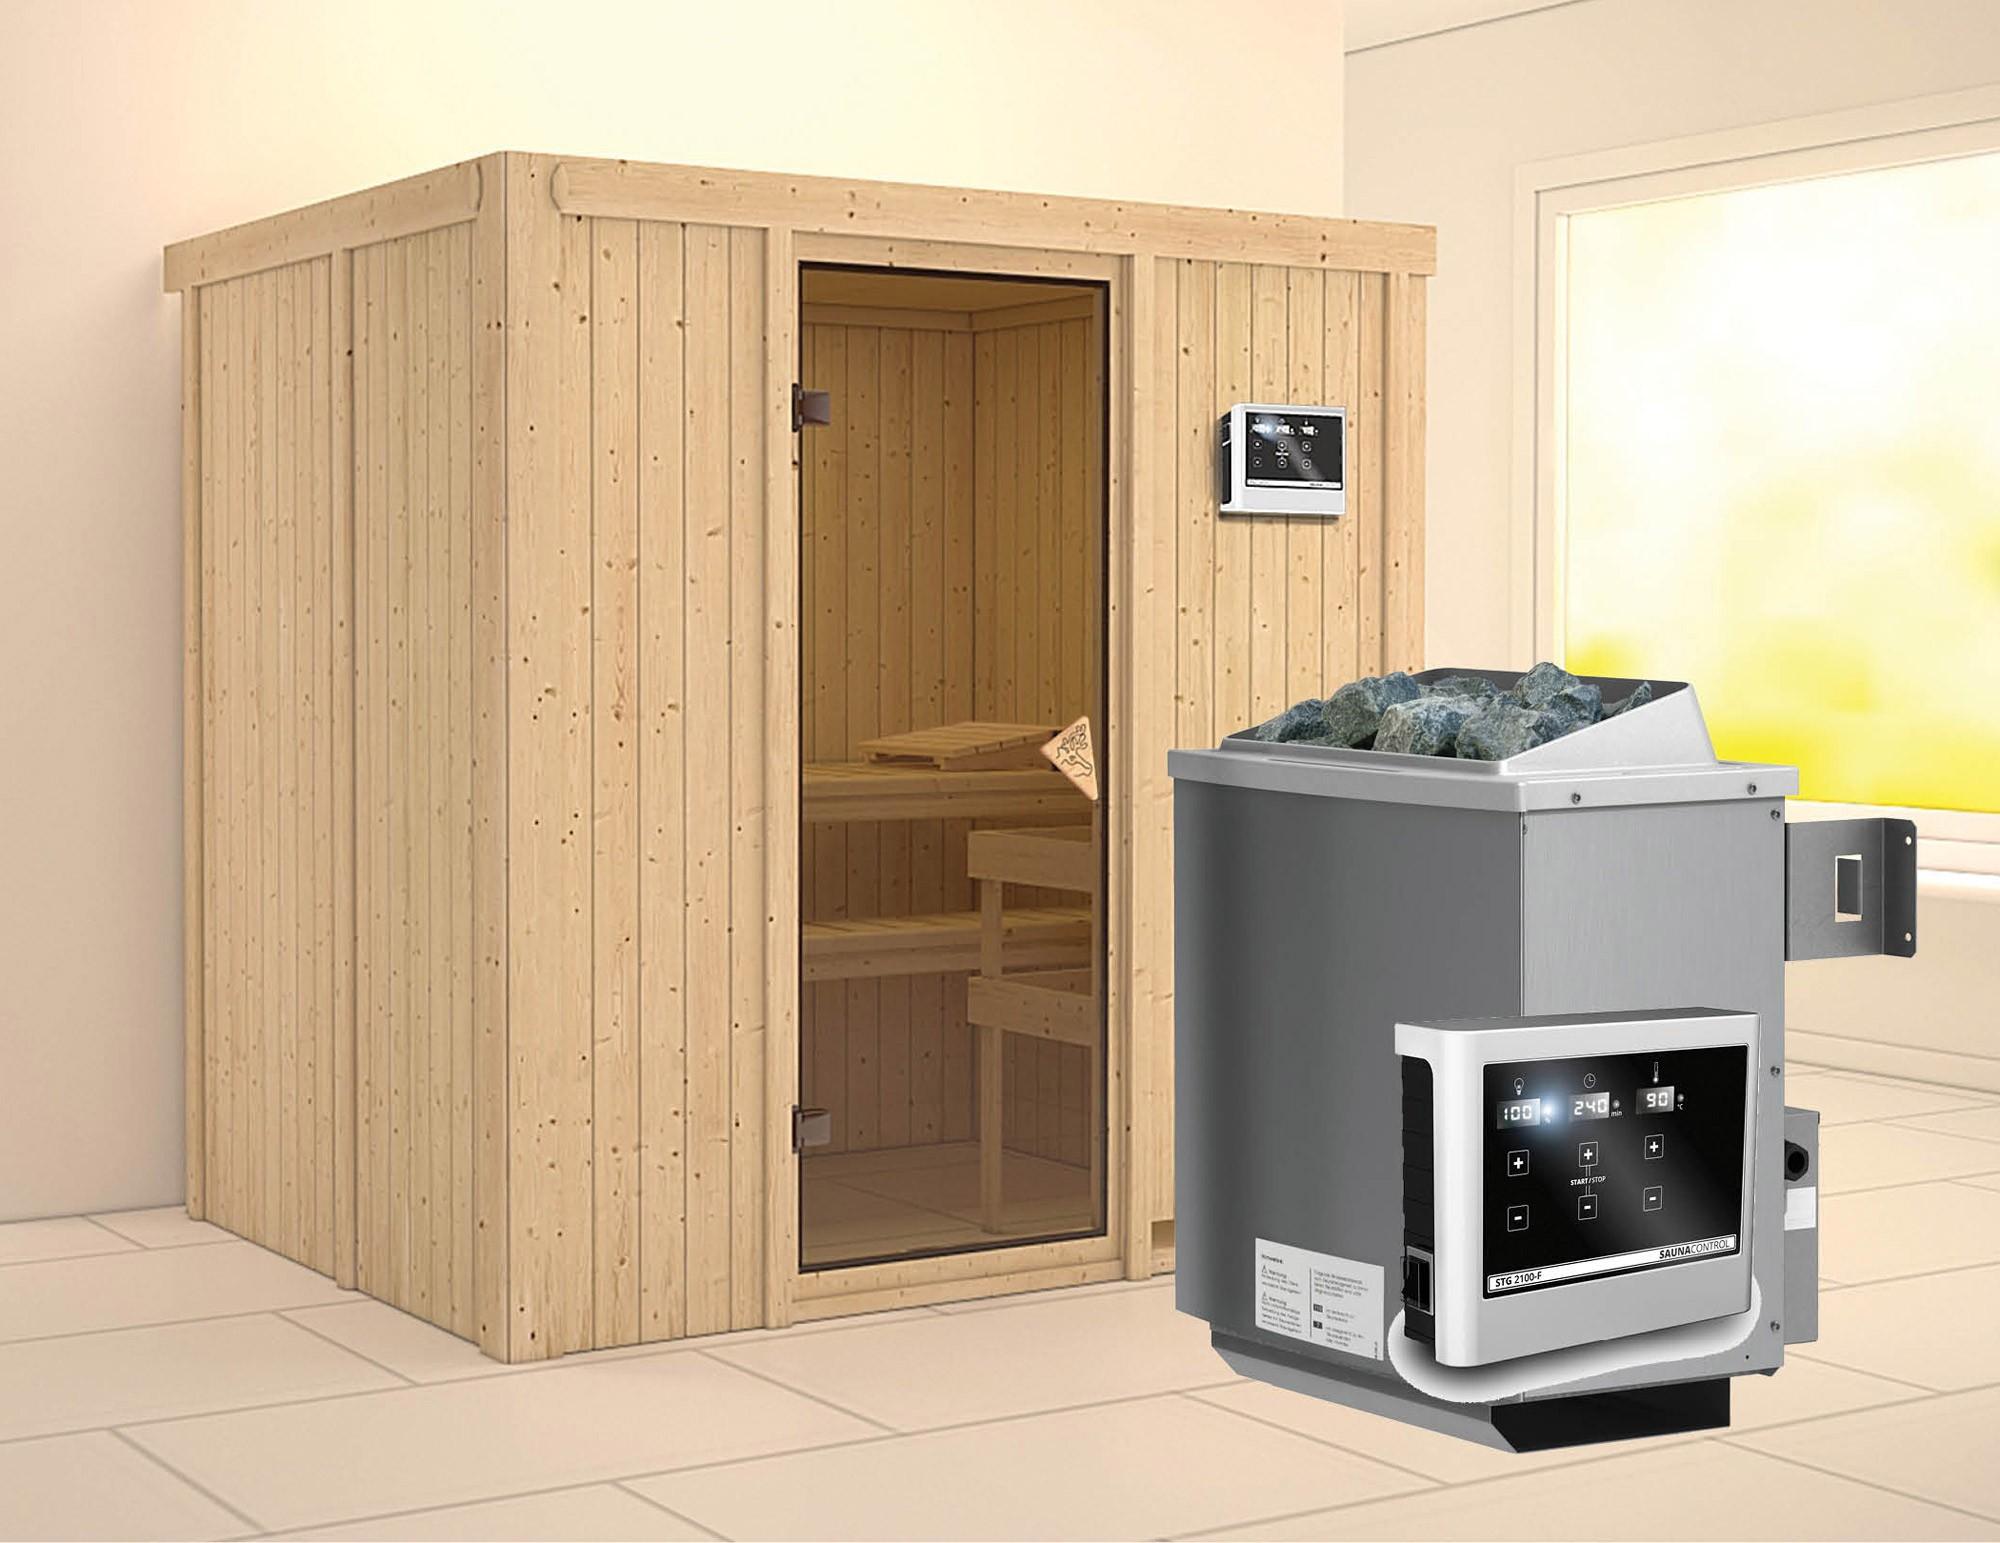 Karibu Sauna Bodin 68mm mit Saunaofen 9kW extern classic Tür Bild 1